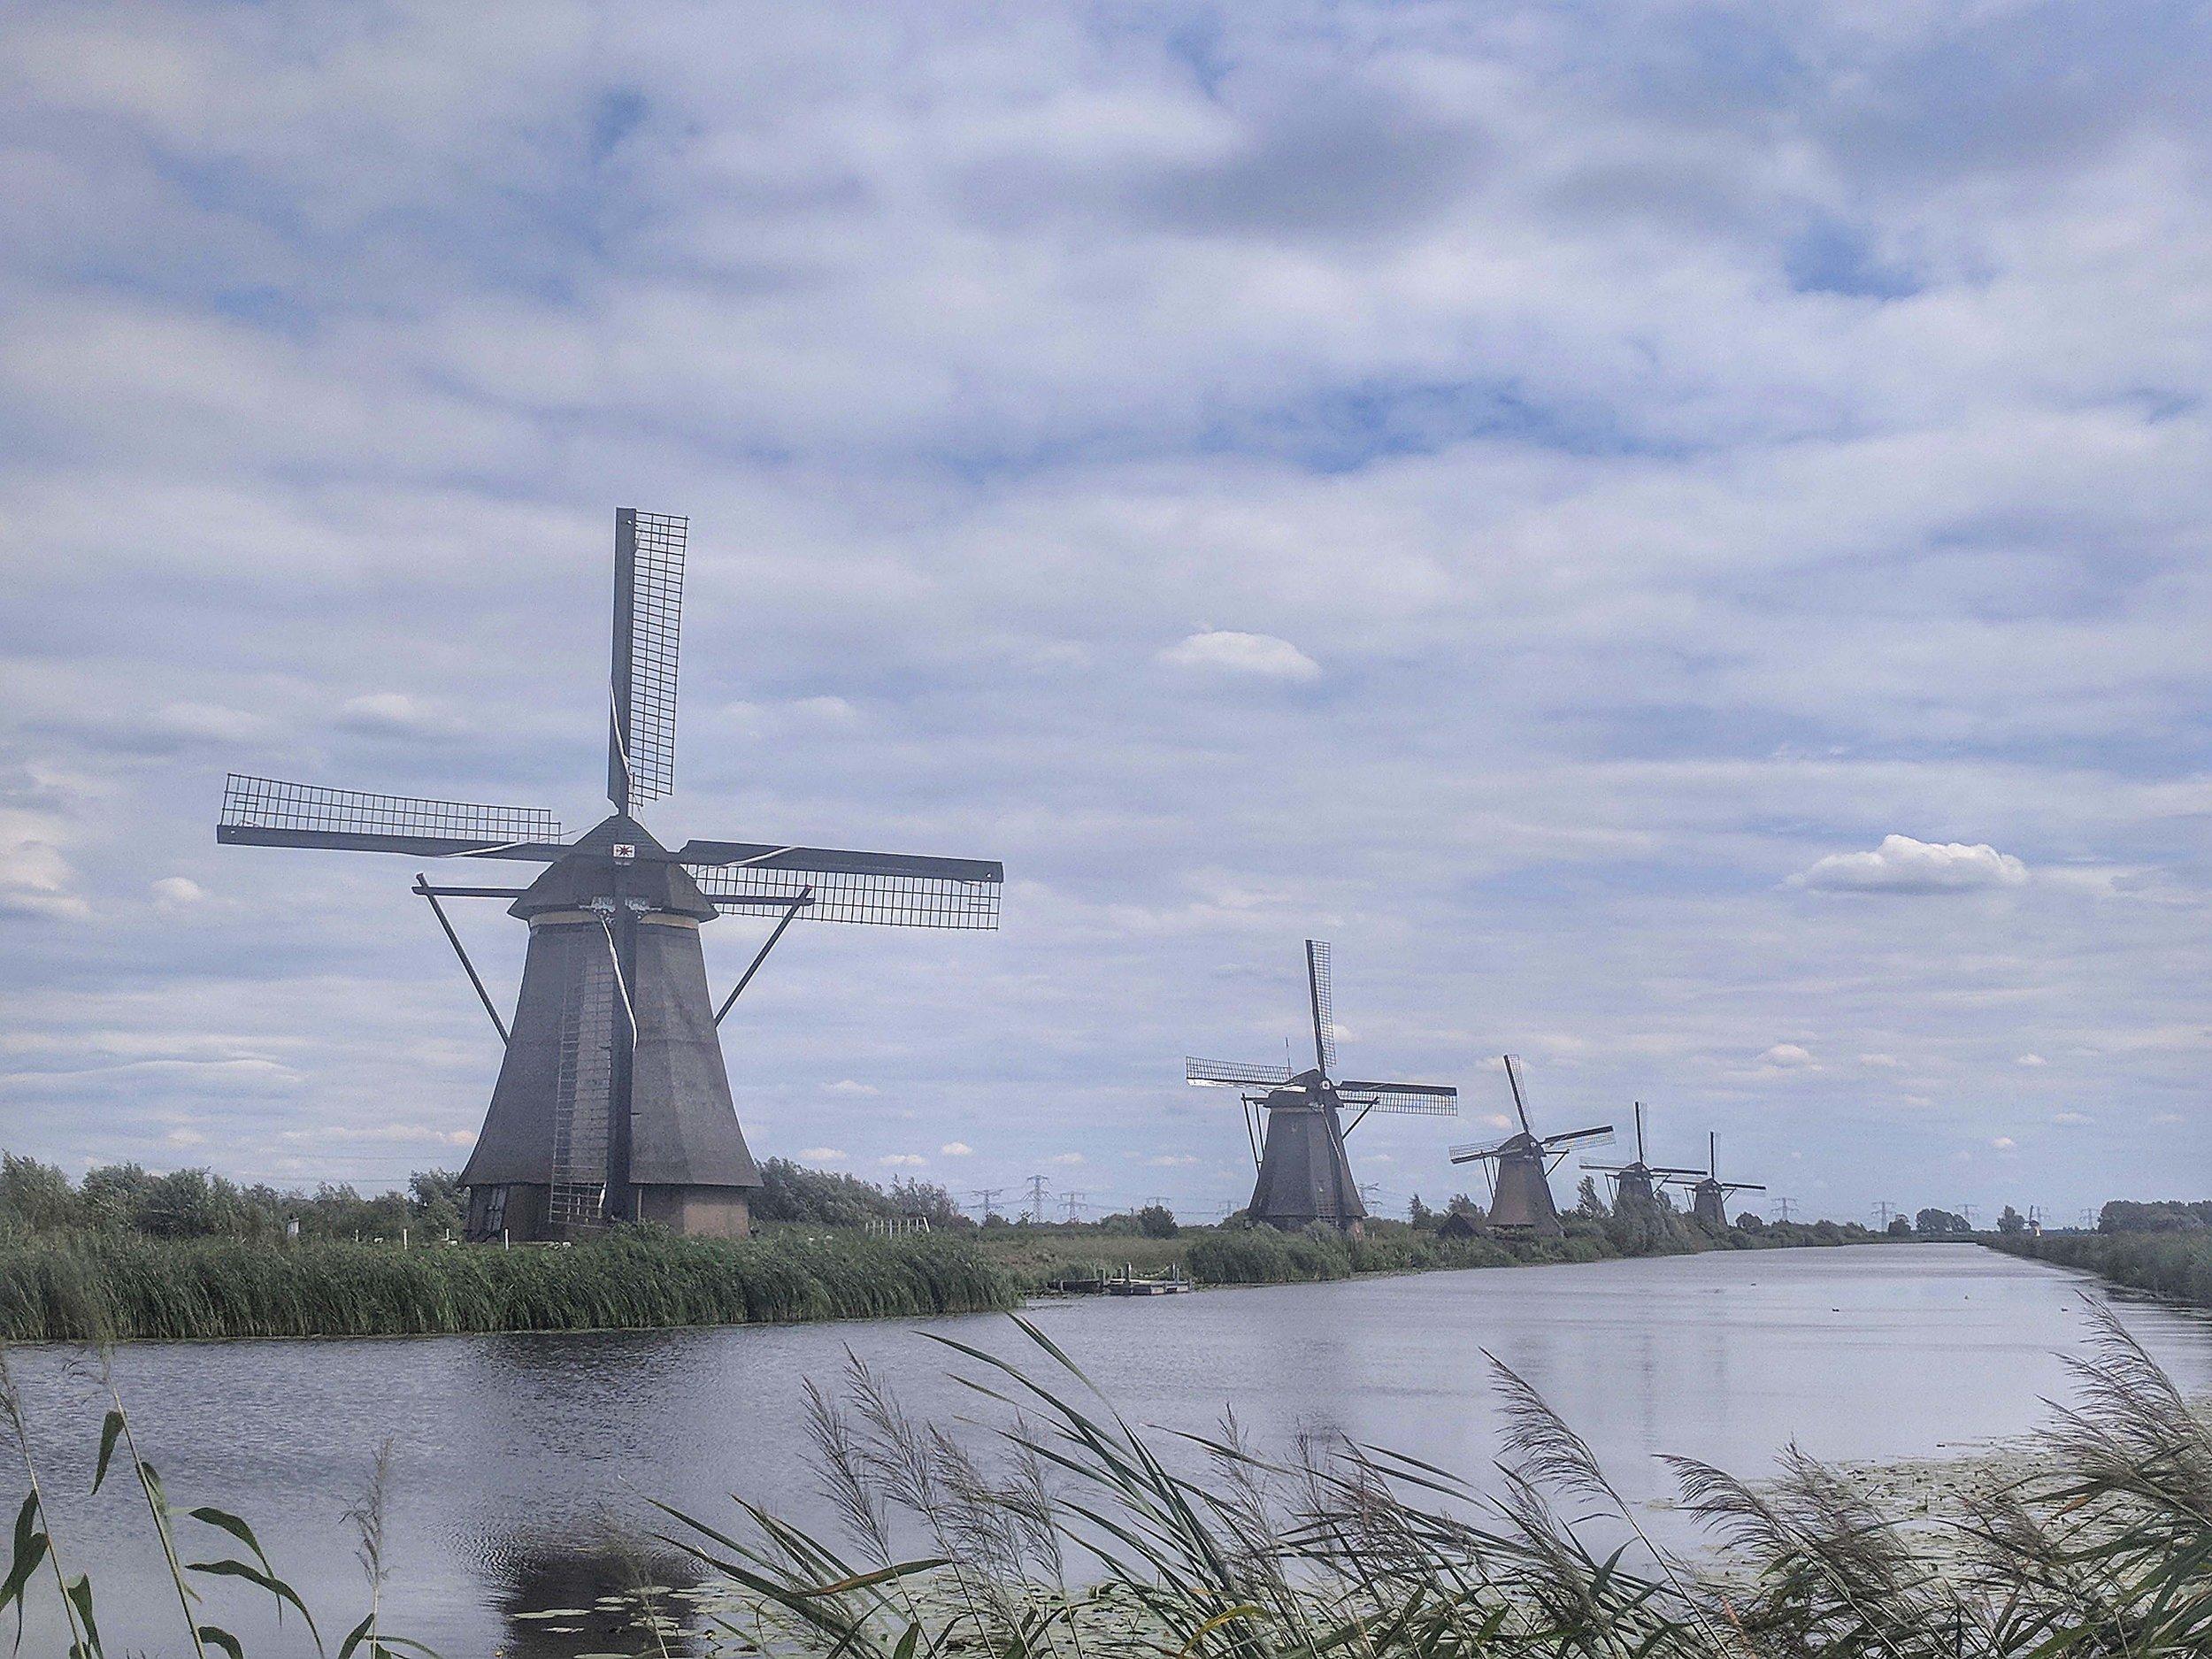 The pretty windmills at Kinderdijk